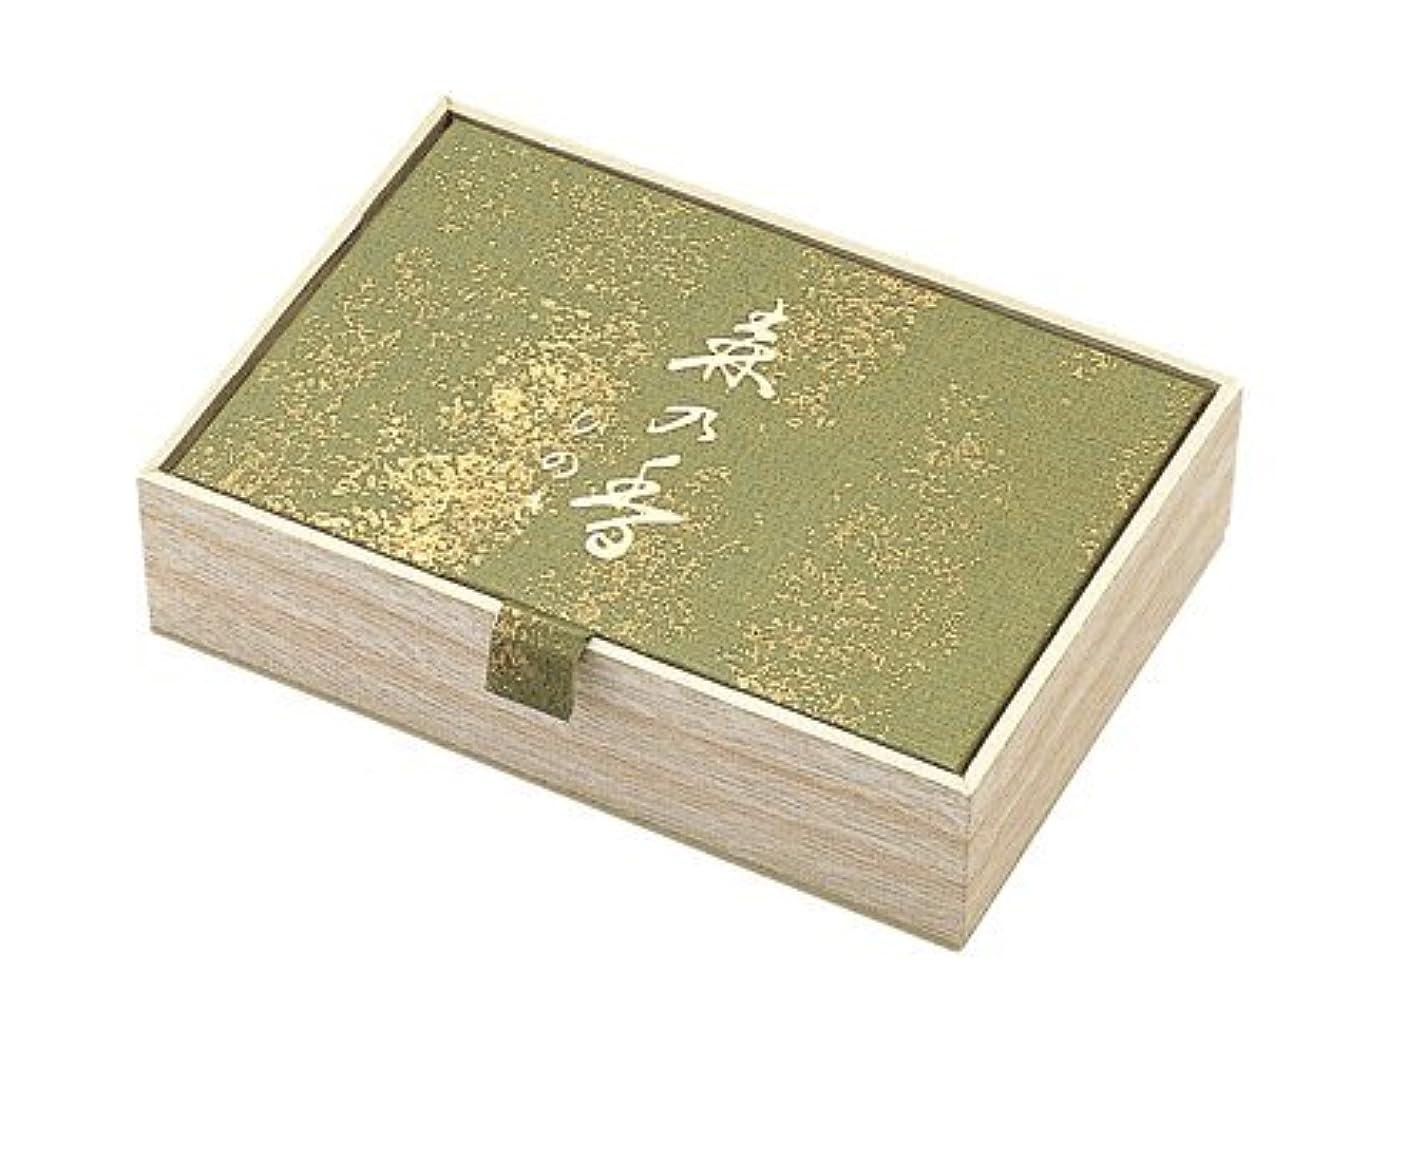 鍔師匠入浴香木の香りのお香 森の香 ひのき スティック150本入